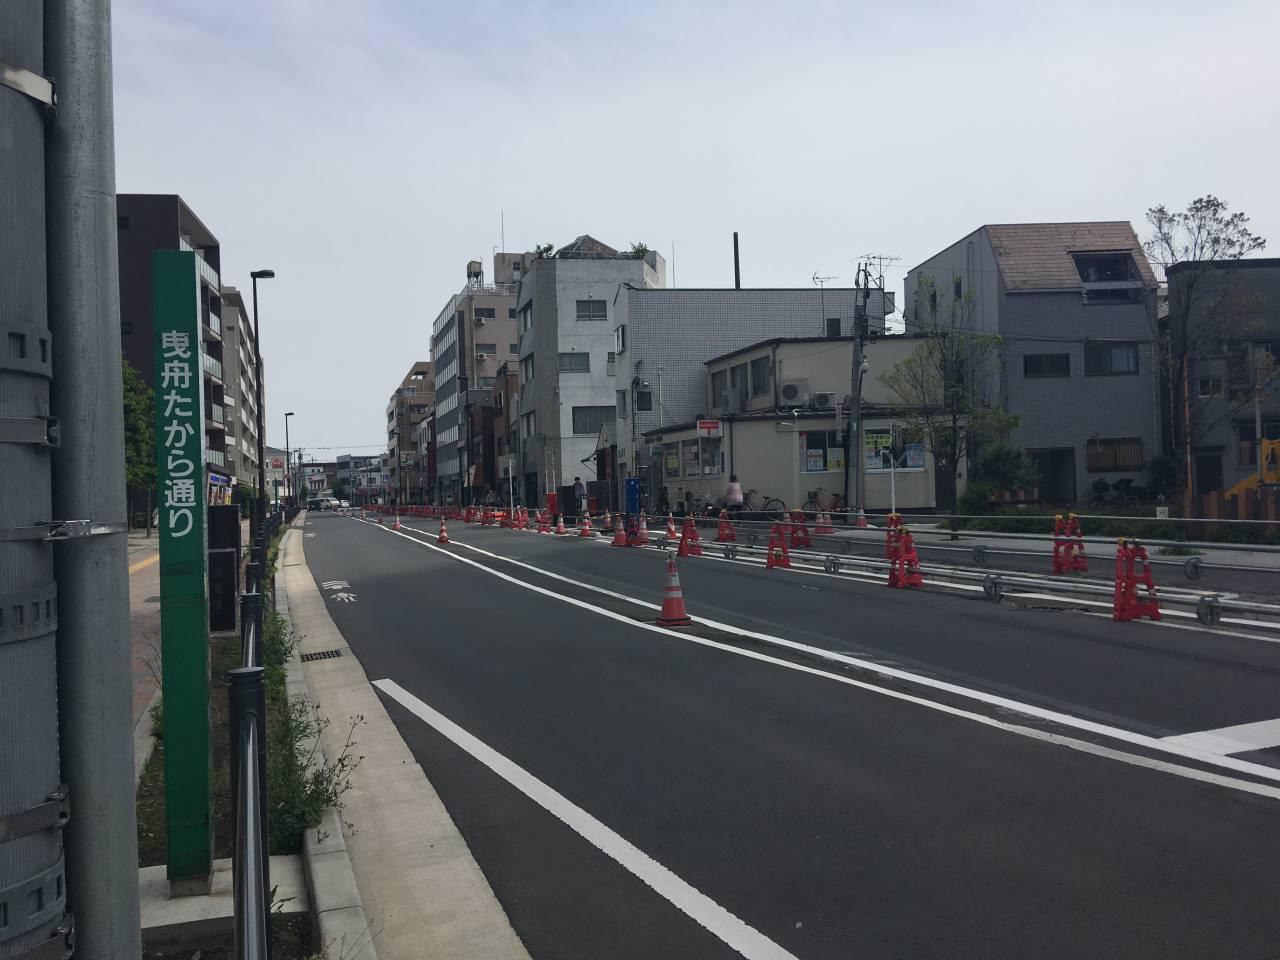 京成曳舟駅から中川會方向への道